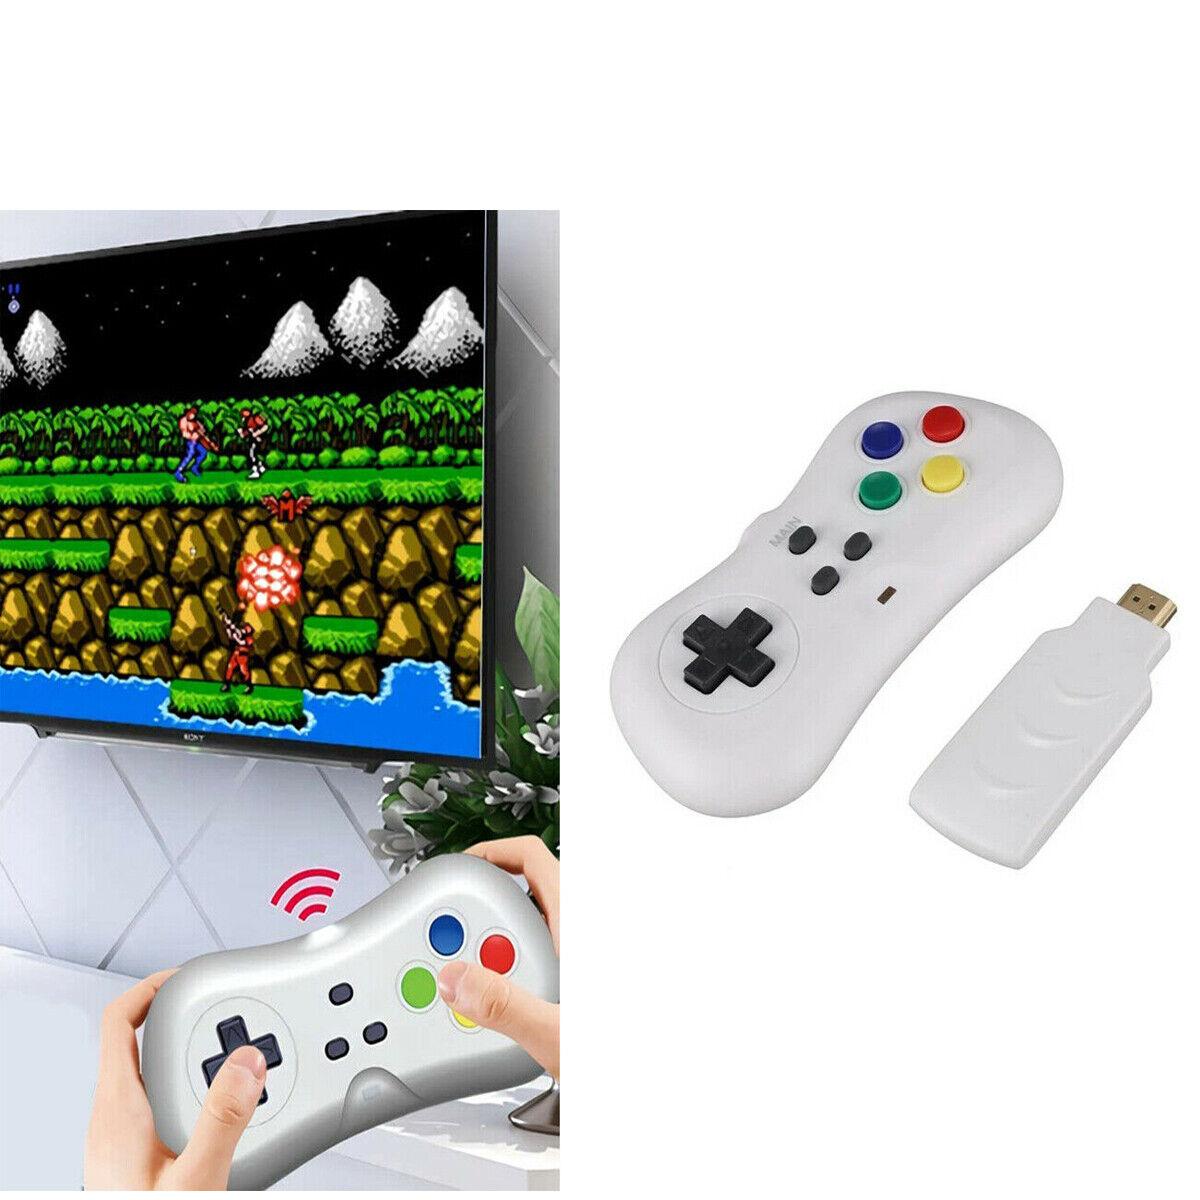 videogiochi e console: MINI TV GAME DONGLE WIRELESS 2.4G JOYSTICK 200 GIOCHI IN 1 CONSOLE RETROGAME A43